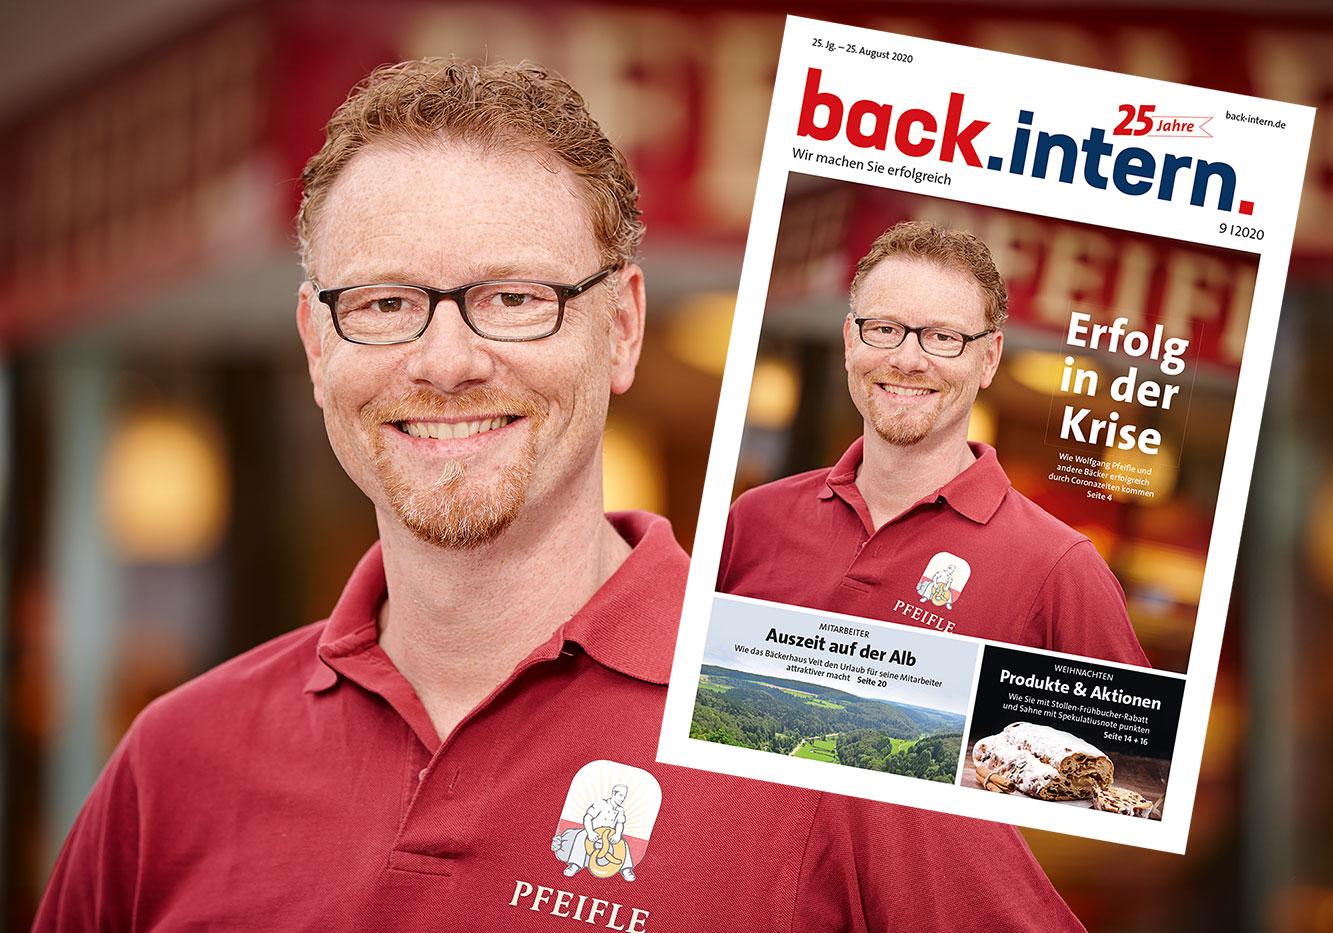 back.intern. 9/2020 – jetzt herunterladen